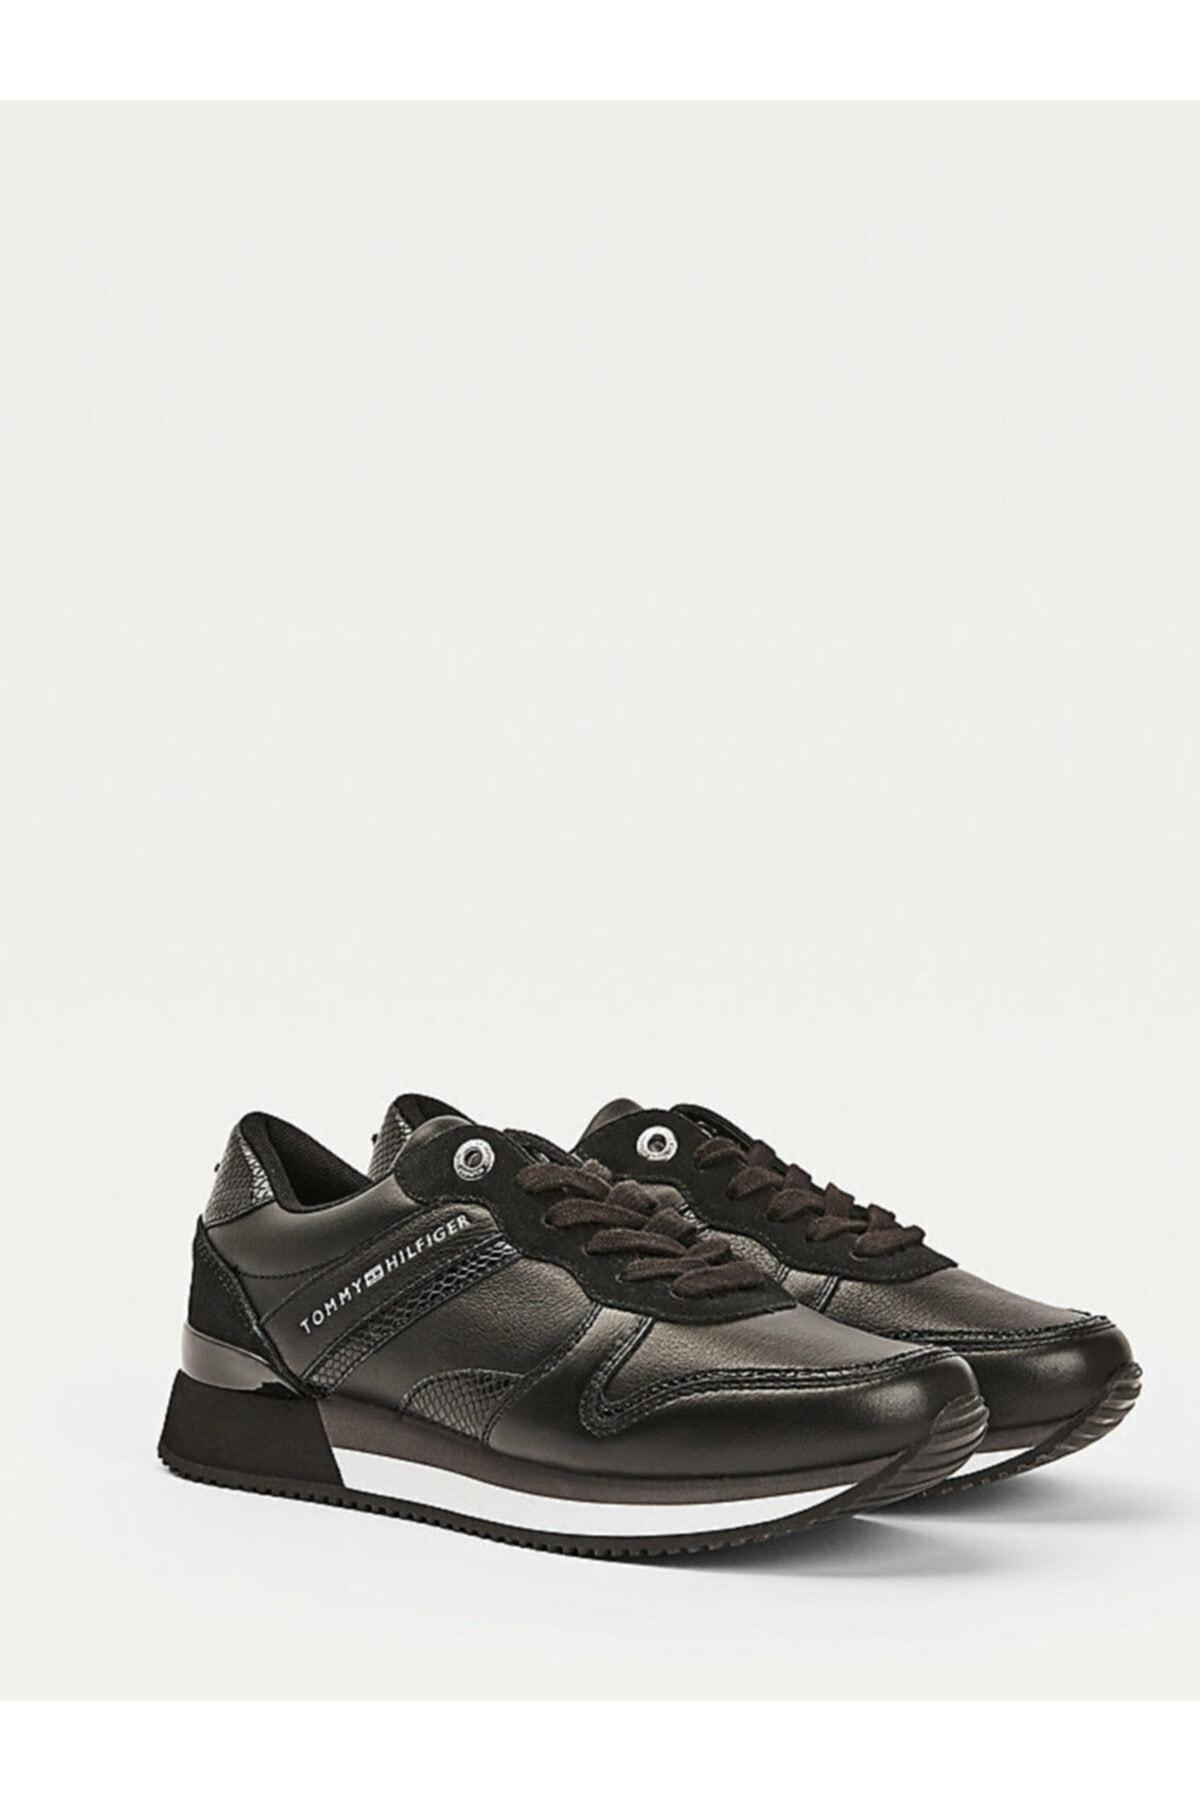 Kadın Siyah Sneaker Corporate Femınıne Cıty Sneaker FW0FW05233